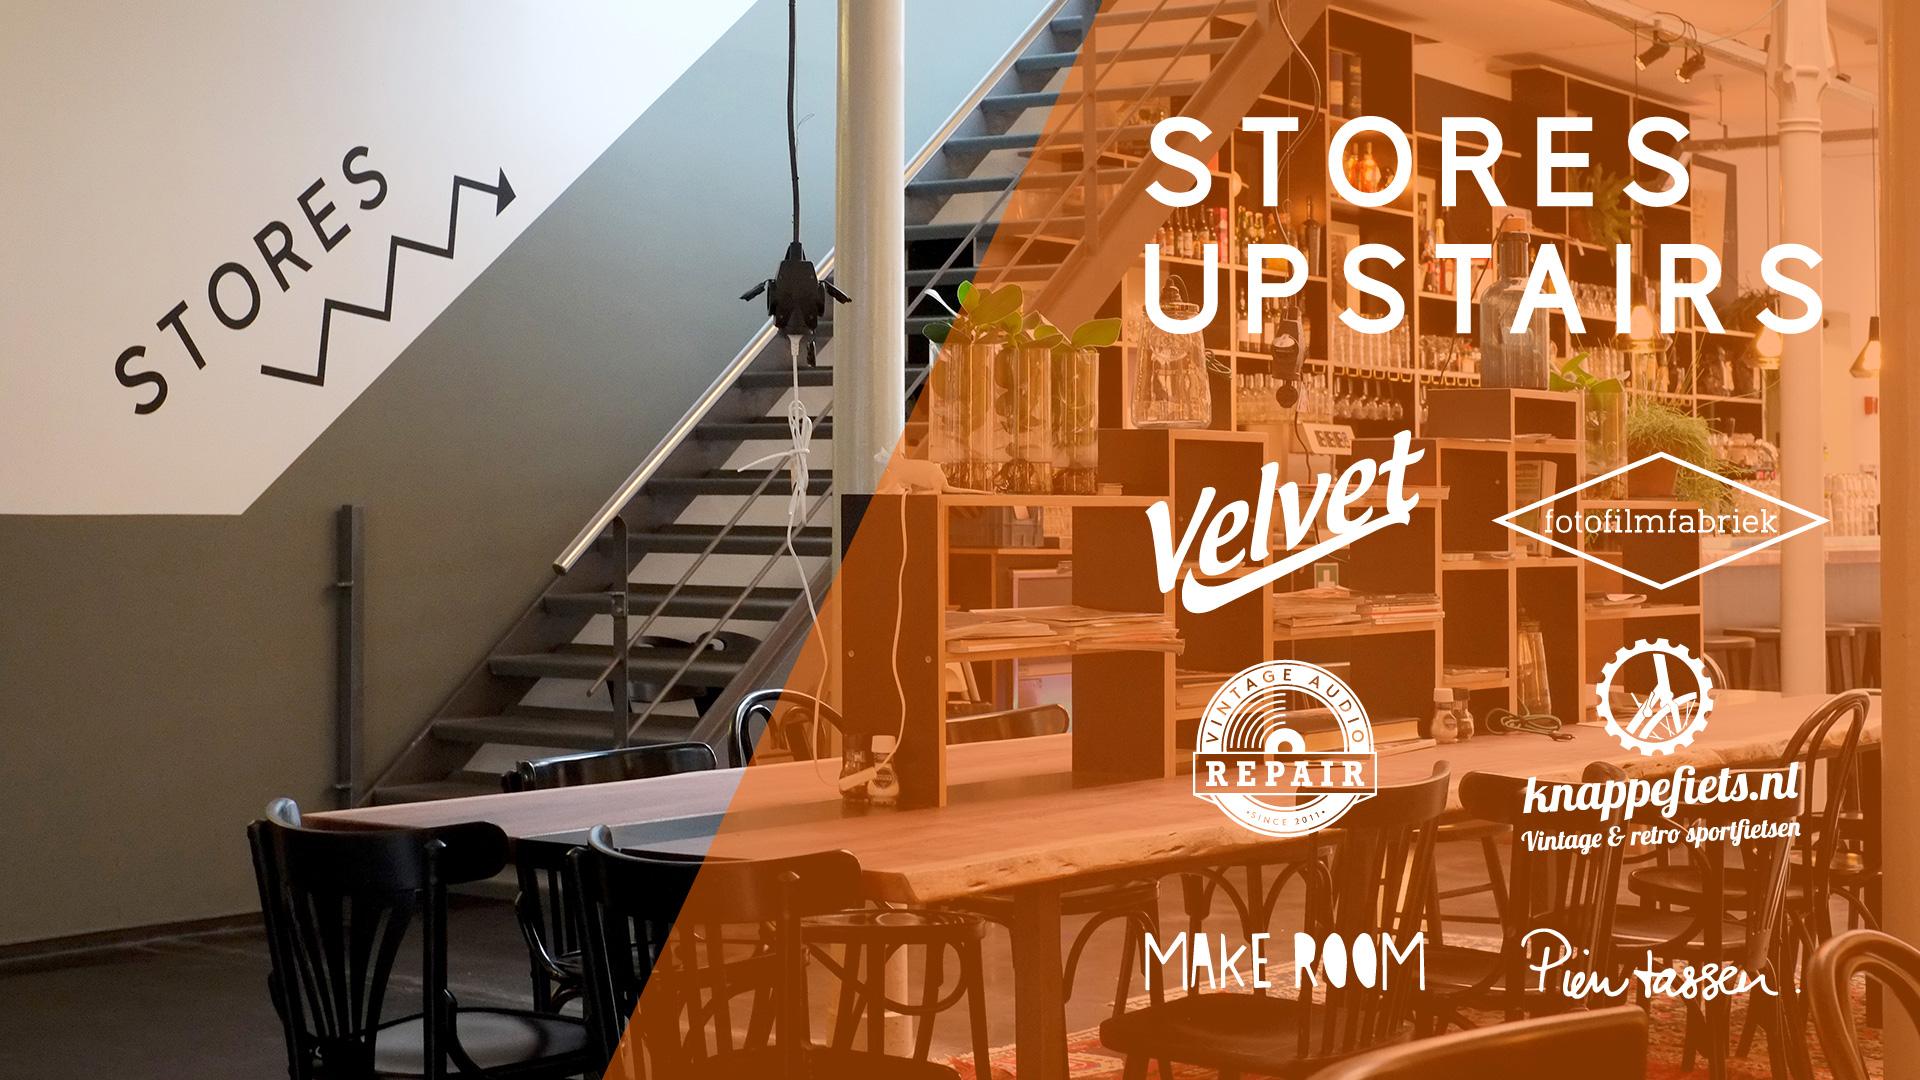 Het Magazijn | Stores Upstairs | Winkels op de eerste verdieping | Velvet Music Dordrecht | FotoFilmFabriek